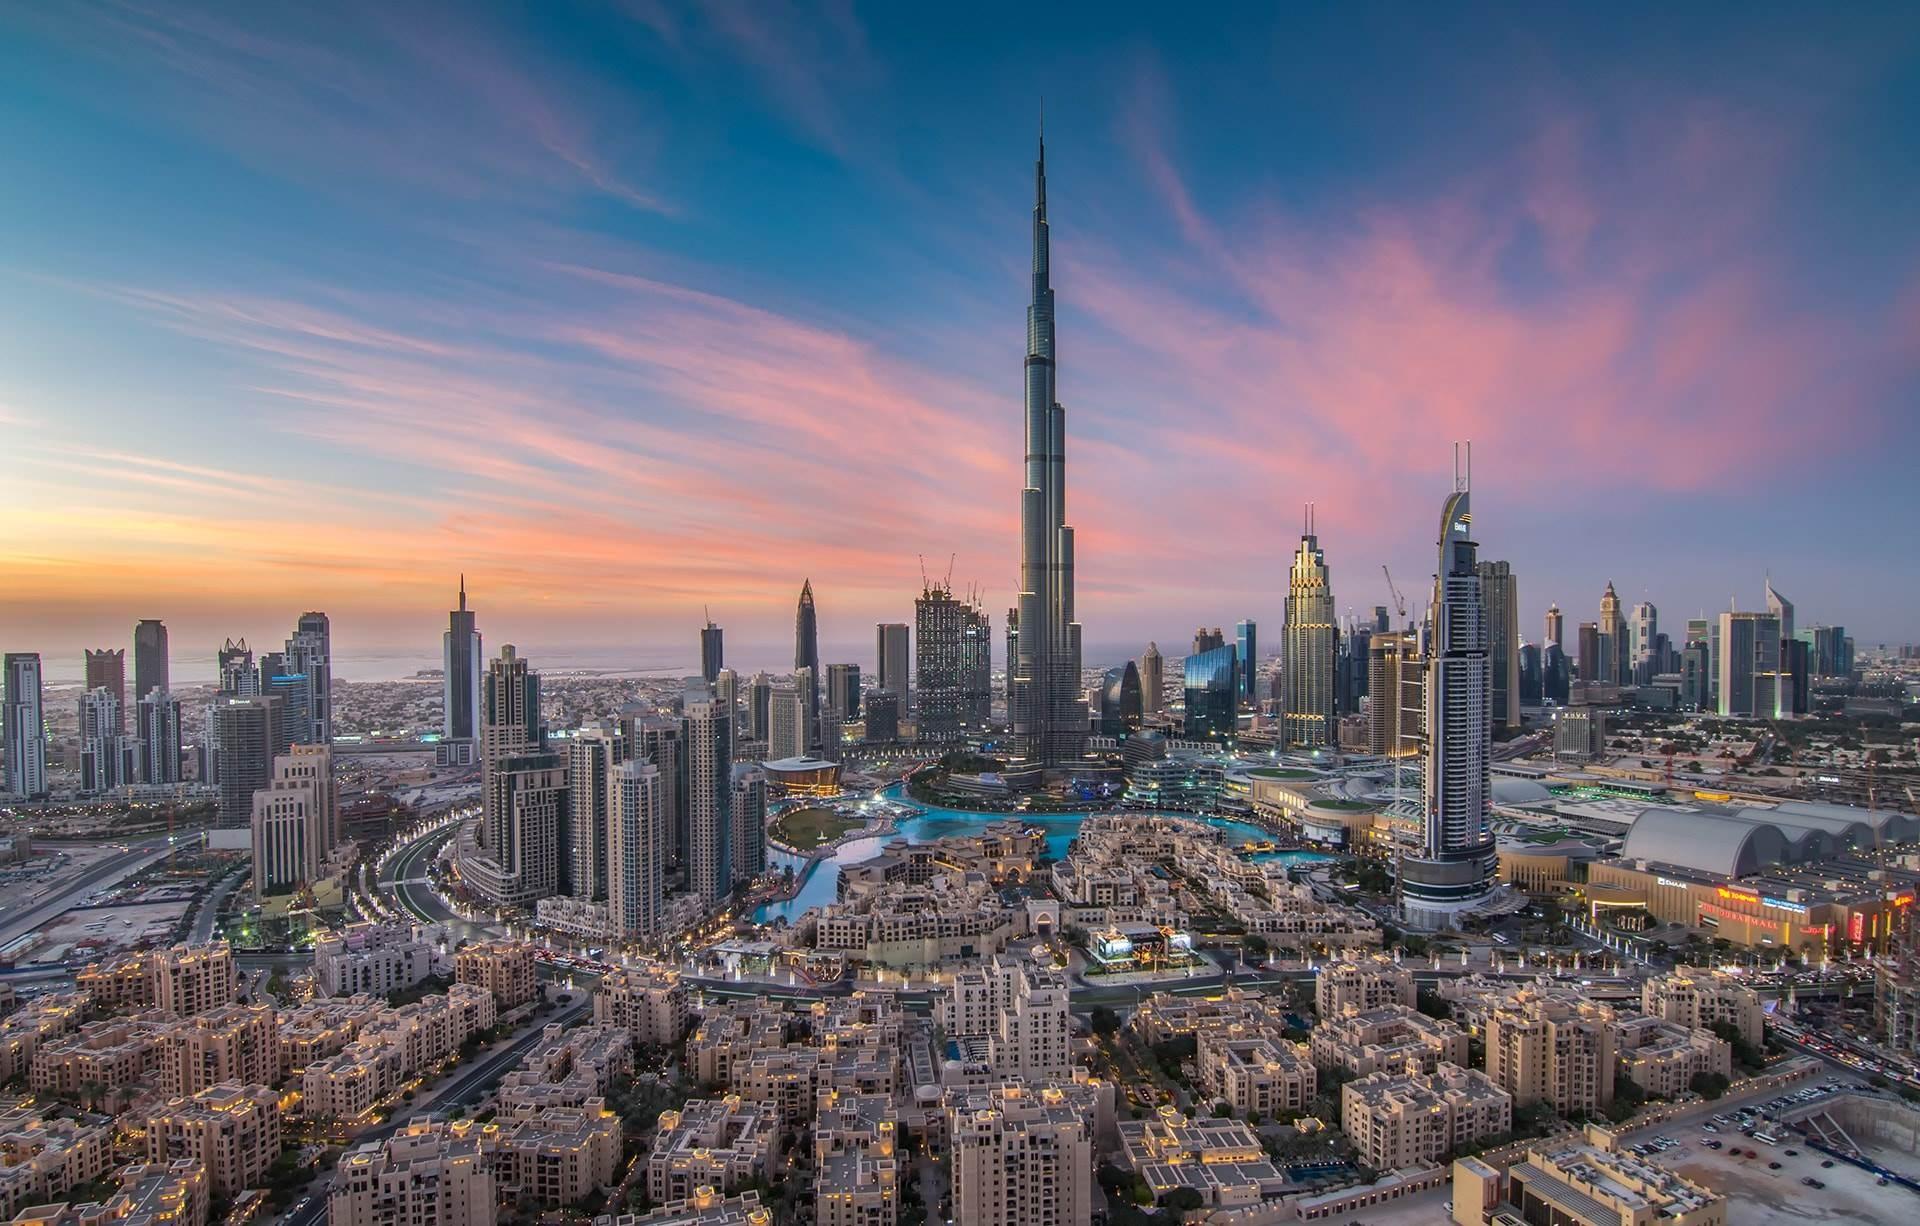 شهدت دبي إجراءات عزل عام لعدة أسابيع في إطار جهود حكومية لكبح فيروس كورونا